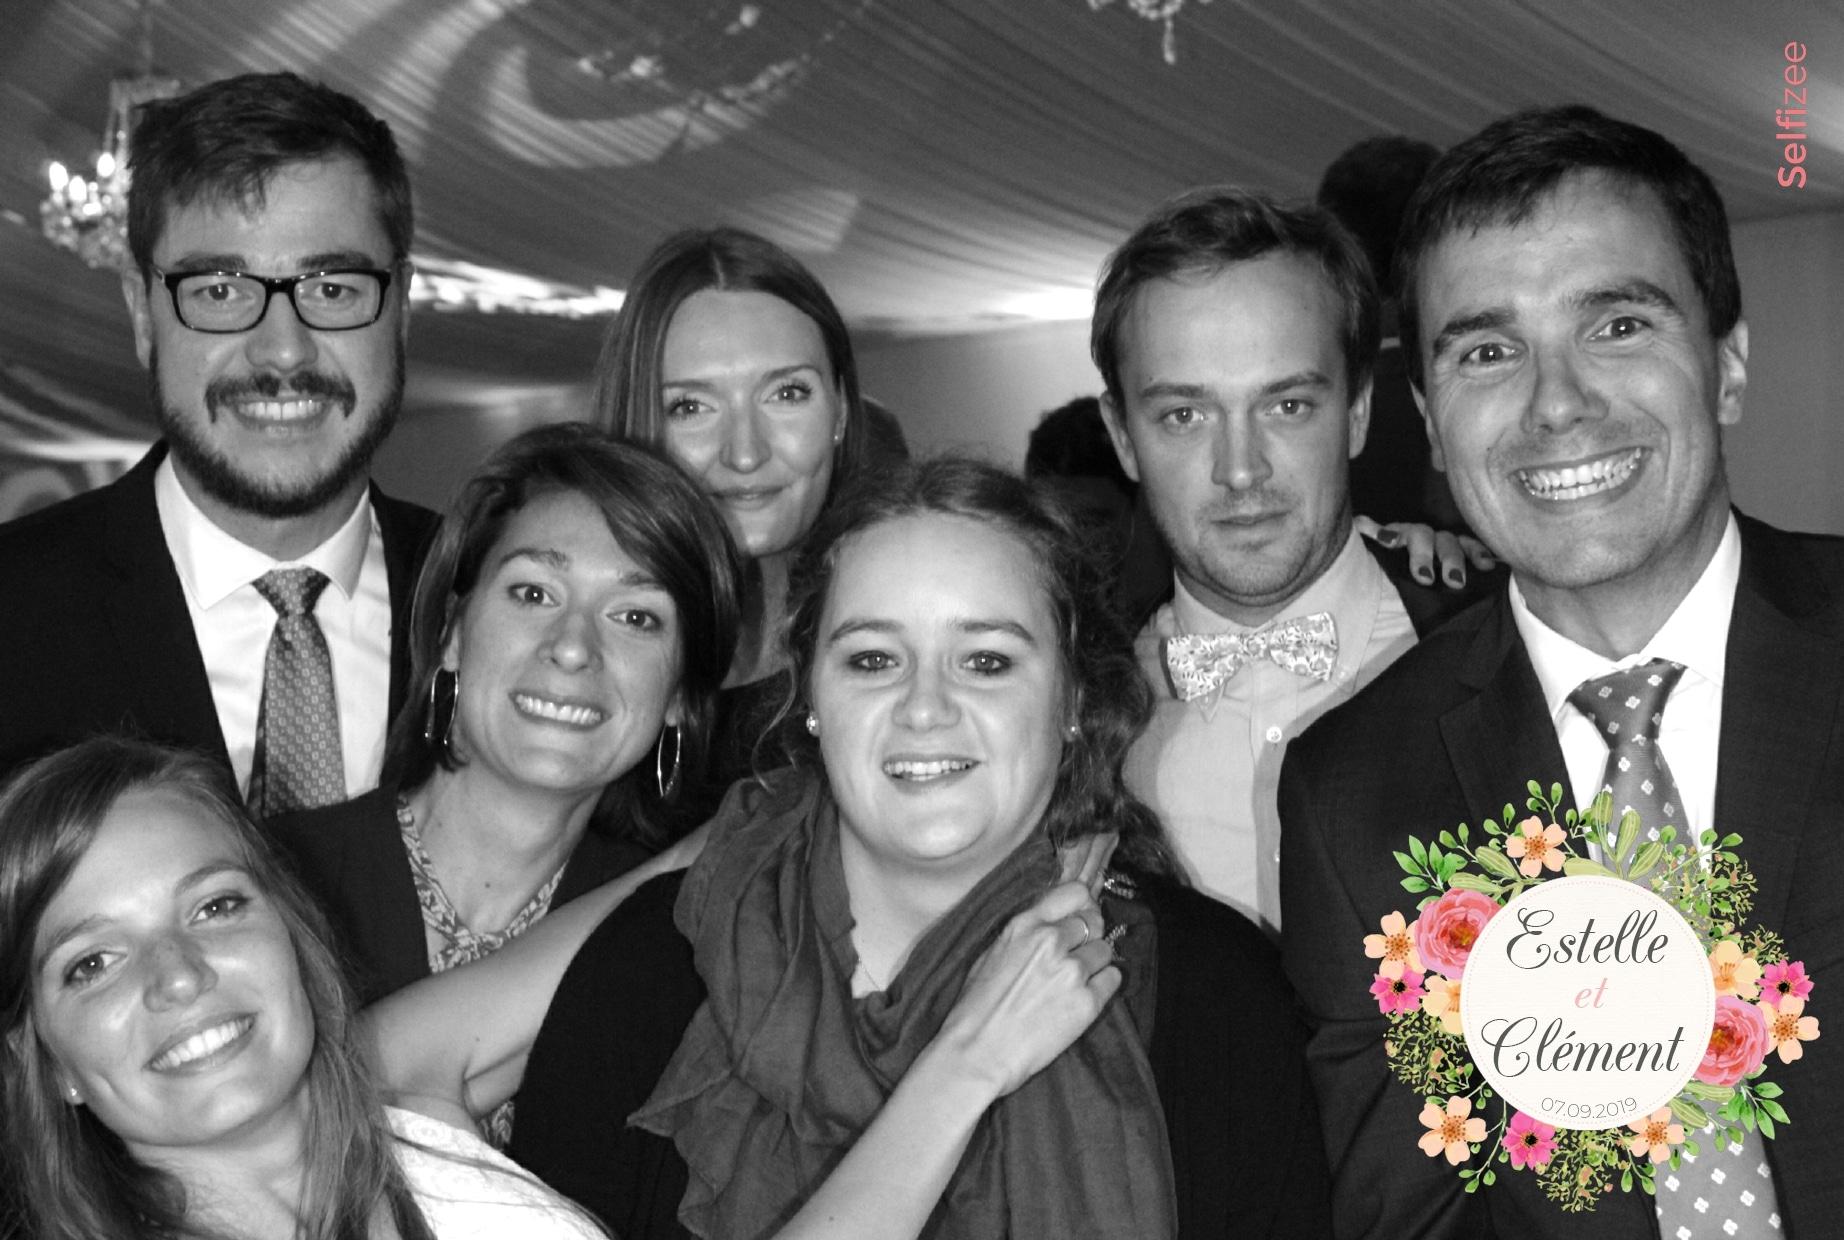 Animation photobooth mariage et impressions photos avec borne photo à louer à Evreux / Eure pour selfies mariage, anniversaire, soirée, fête